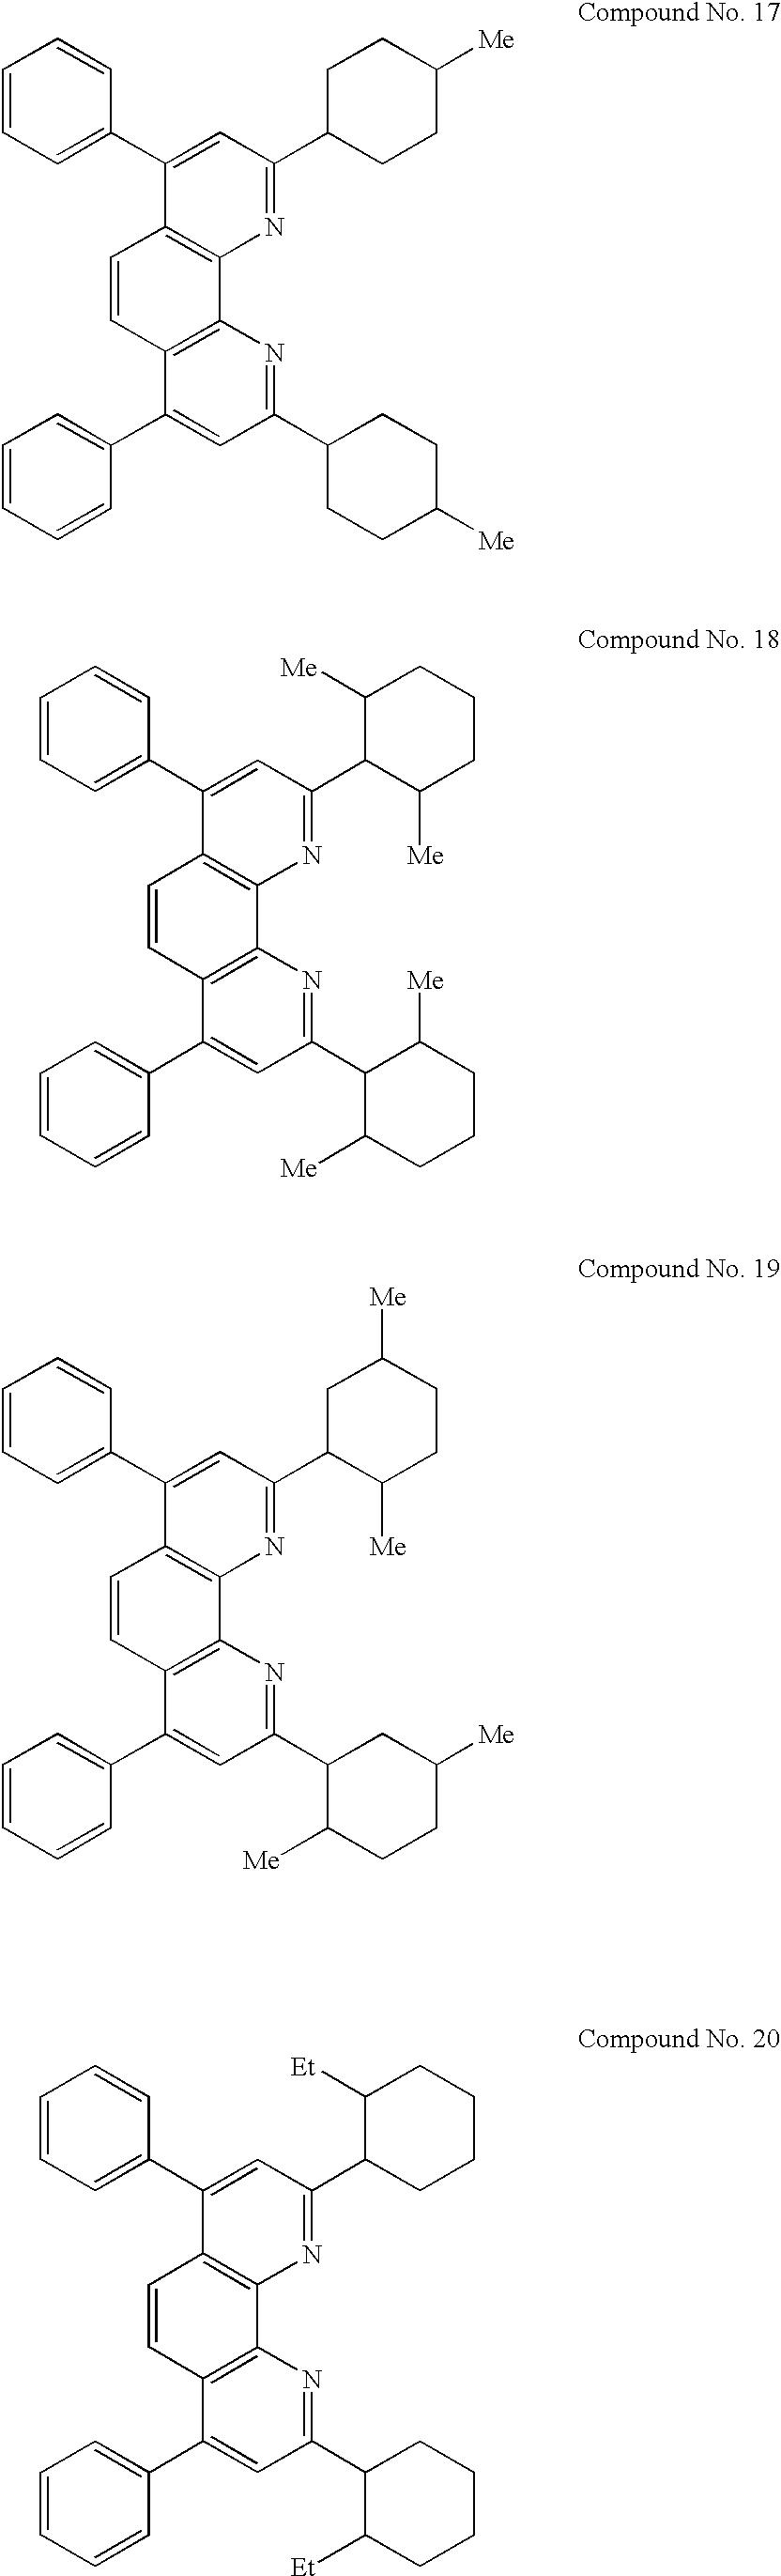 Figure US06524728-20030225-C00007